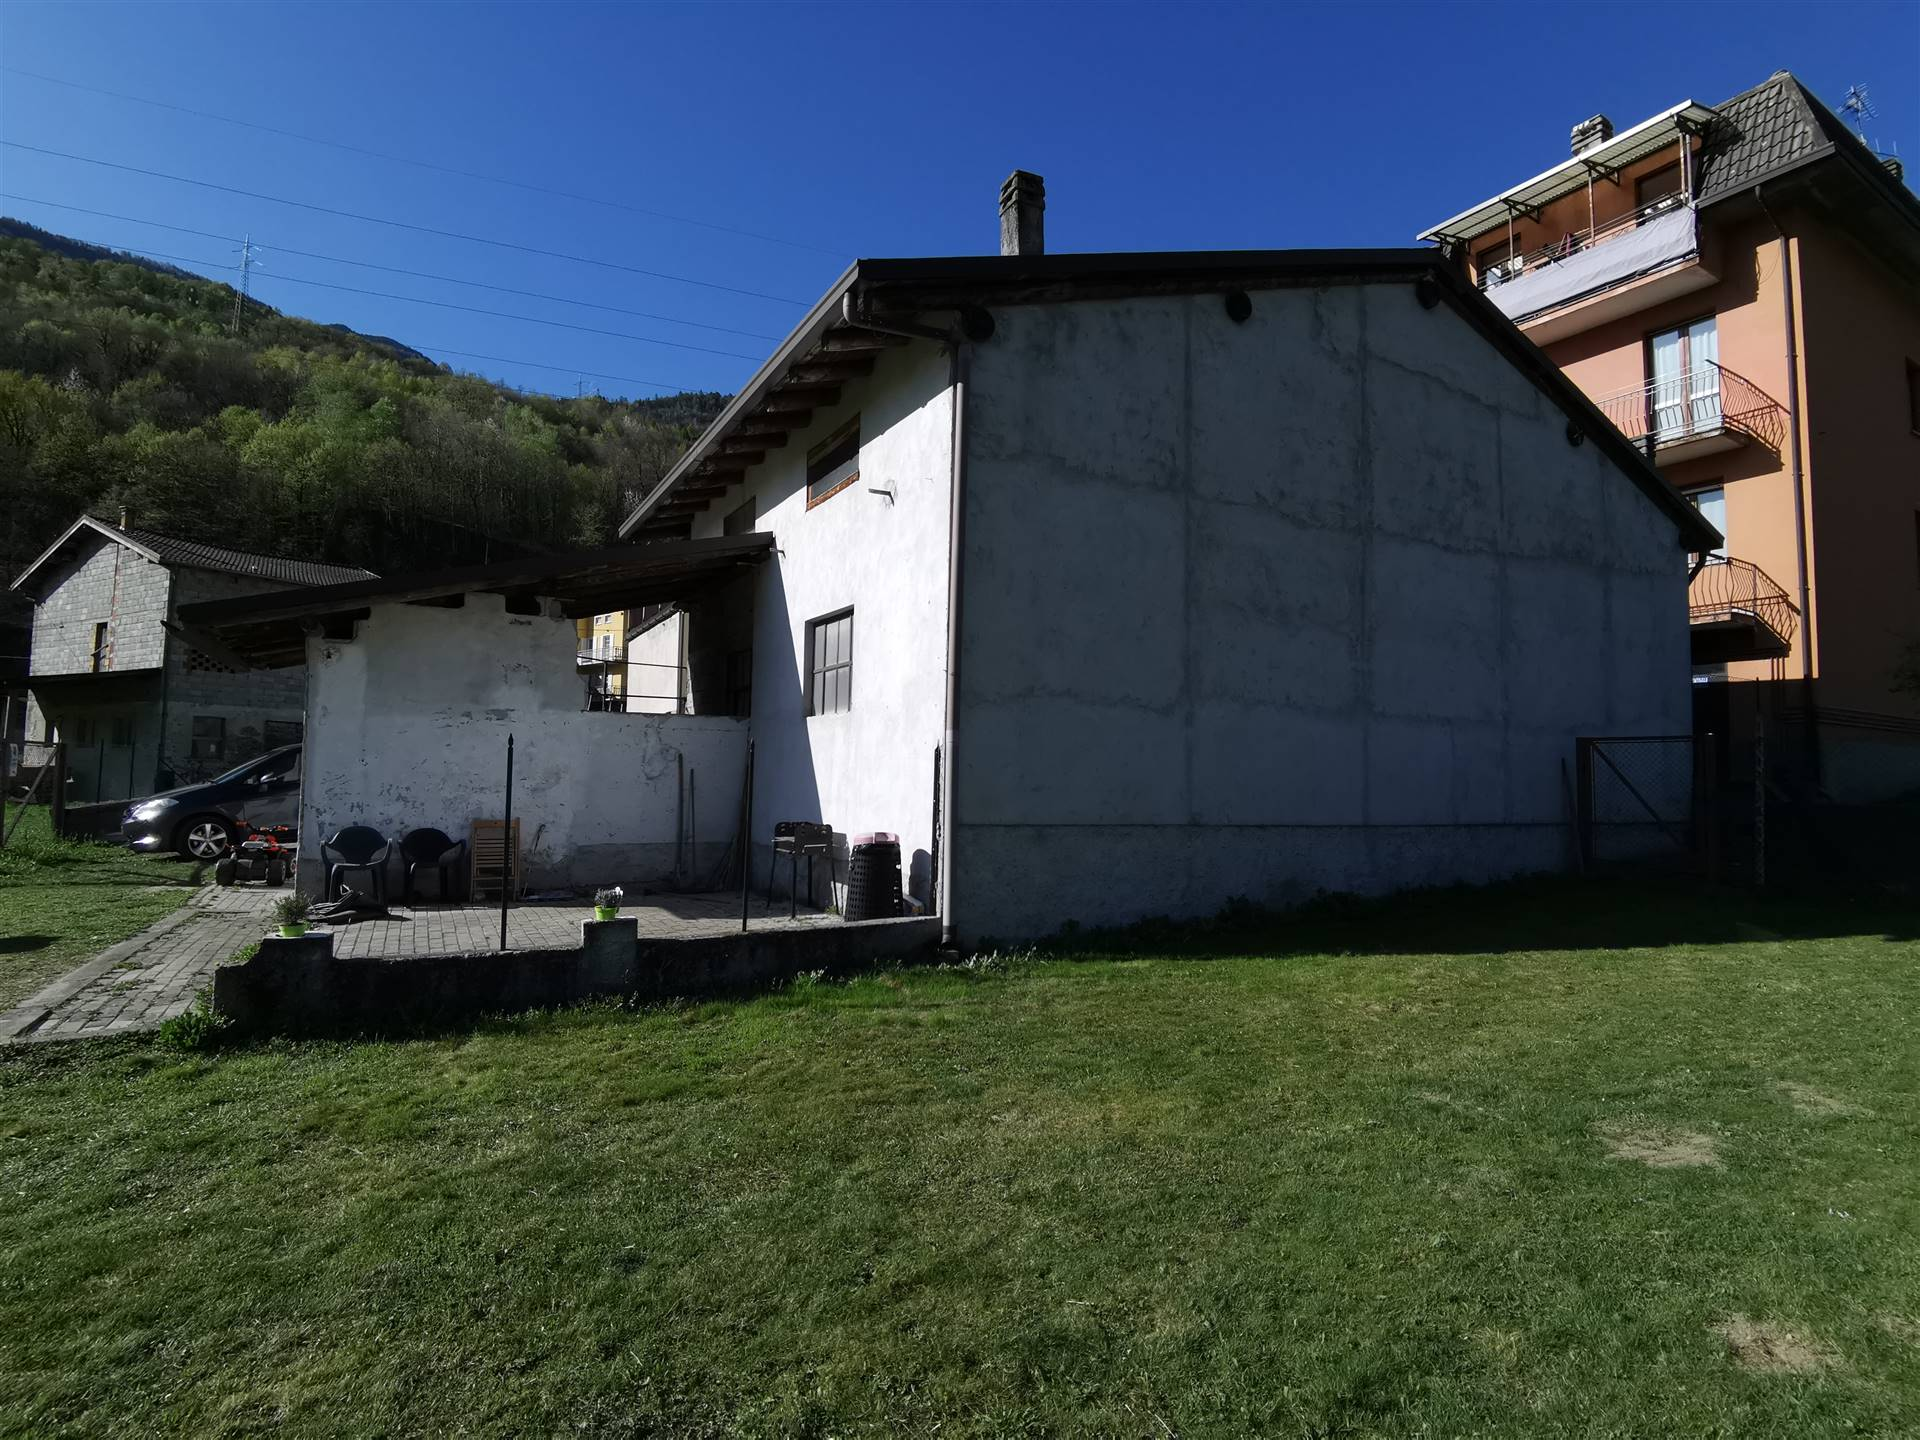 Rustico / Casale in vendita a Piateda, 1 locali, zona Località: BUSTEGGIA, prezzo € 70.000 | PortaleAgenzieImmobiliari.it